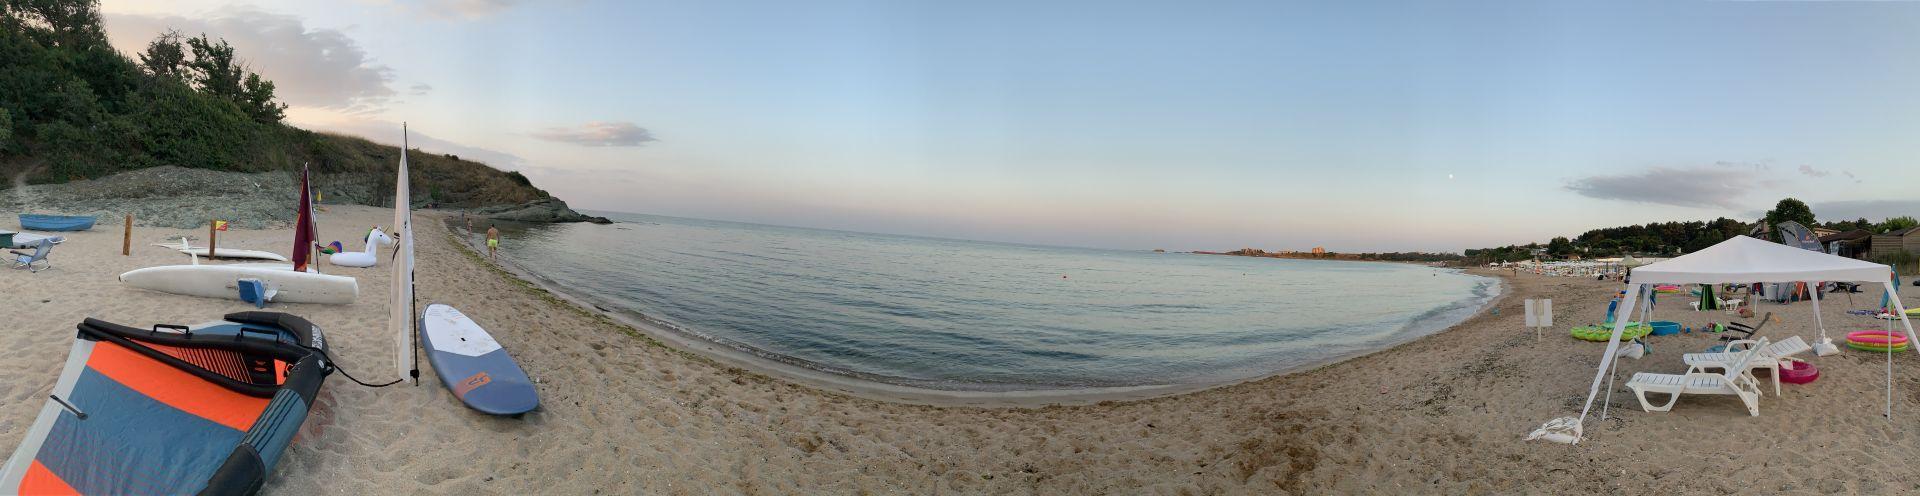 Панорама към южния плаж край Китен